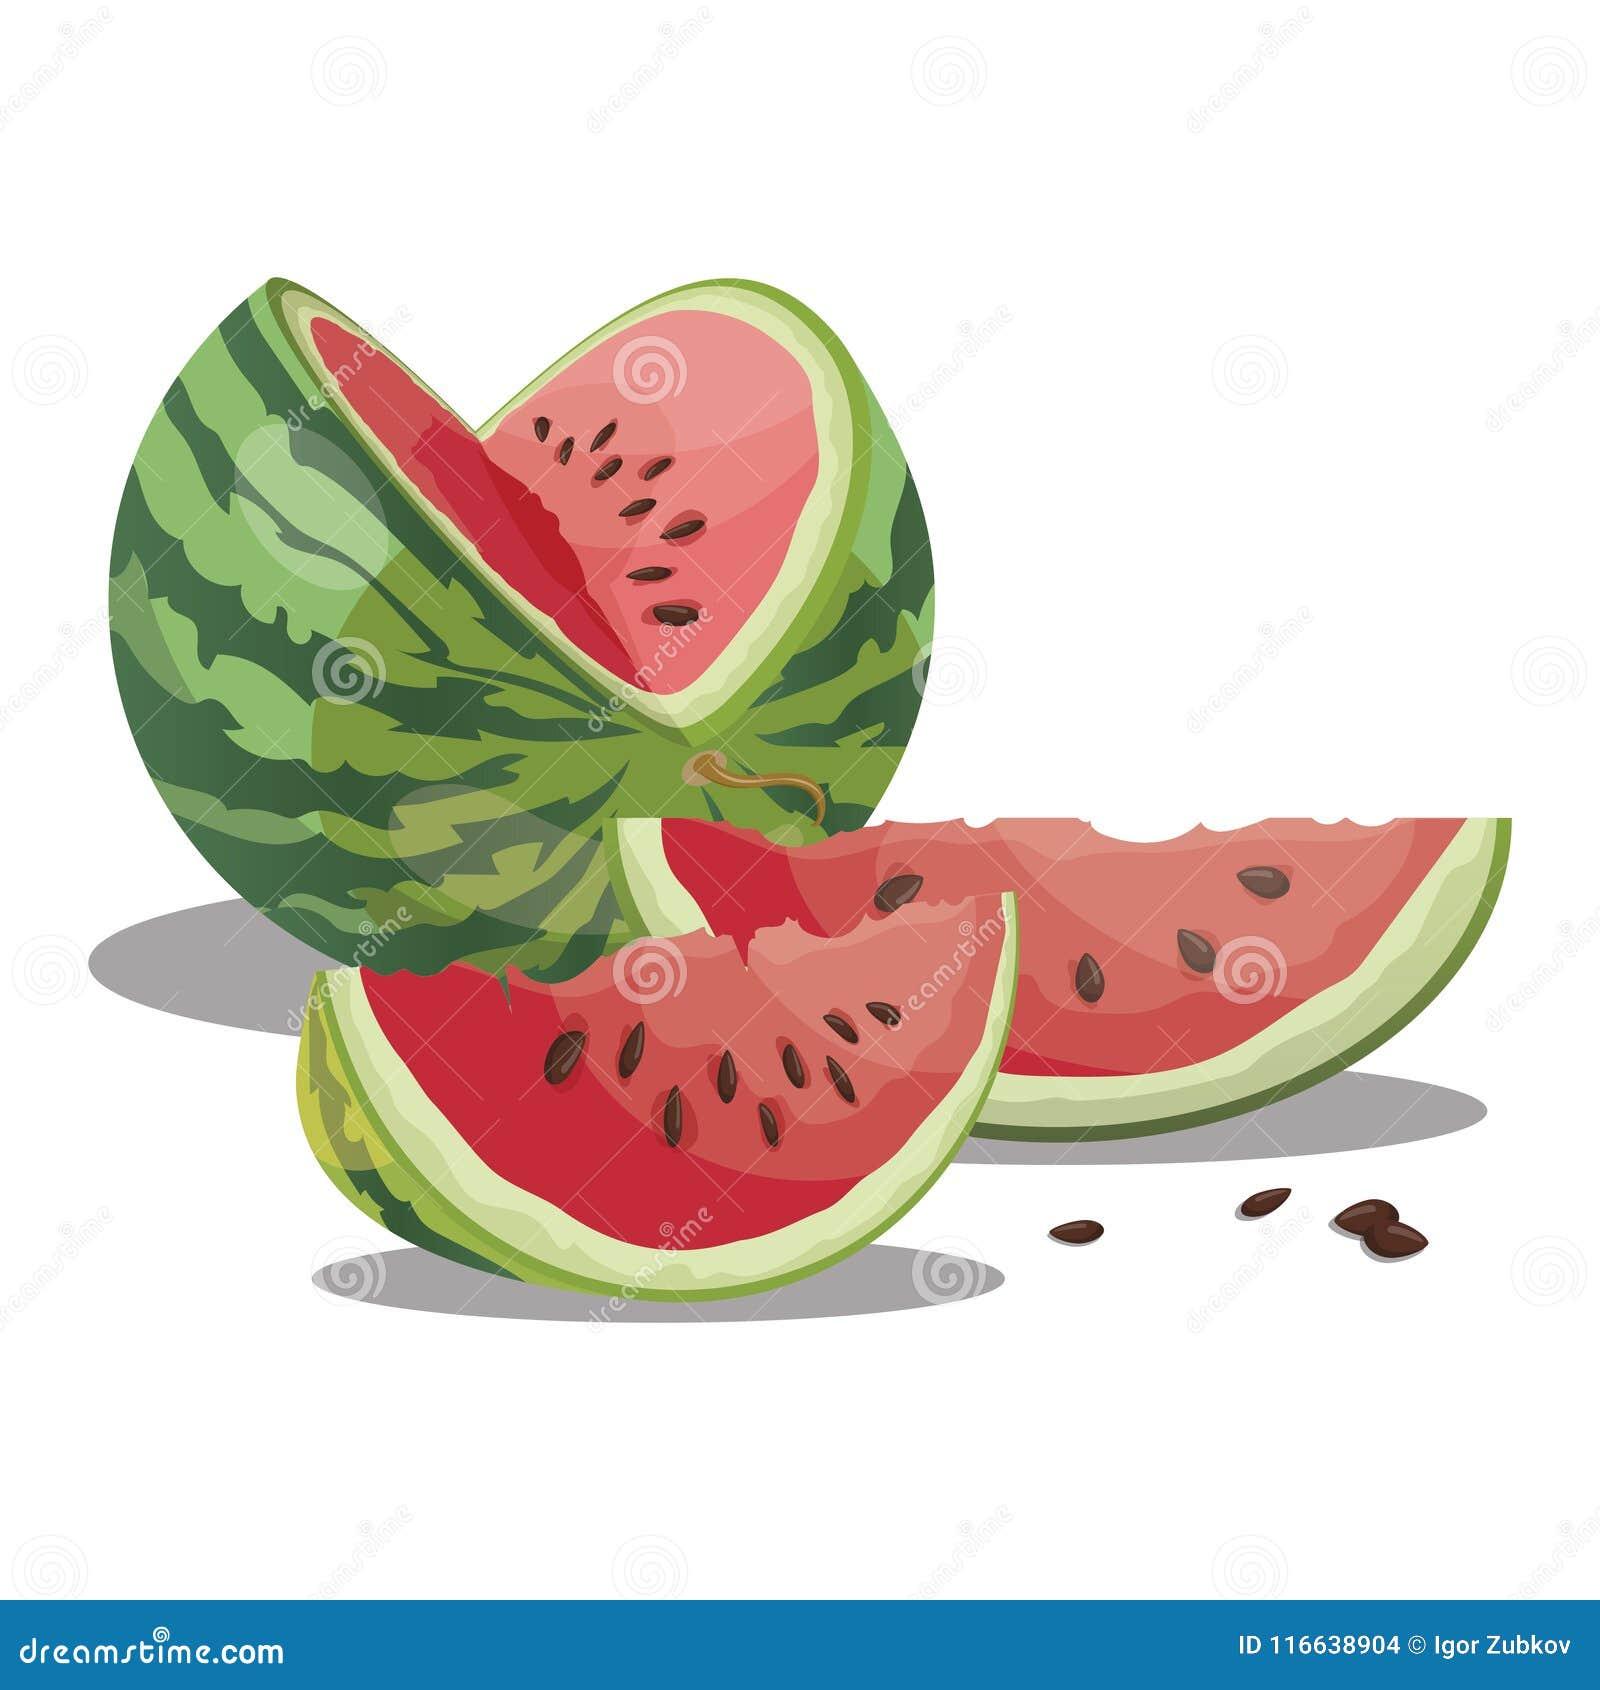 Karikaturwassermelone Geschnittene süße Wassermelone Stücke saftige Frucht Sommervitaminfrucht Abbildung für Kinder